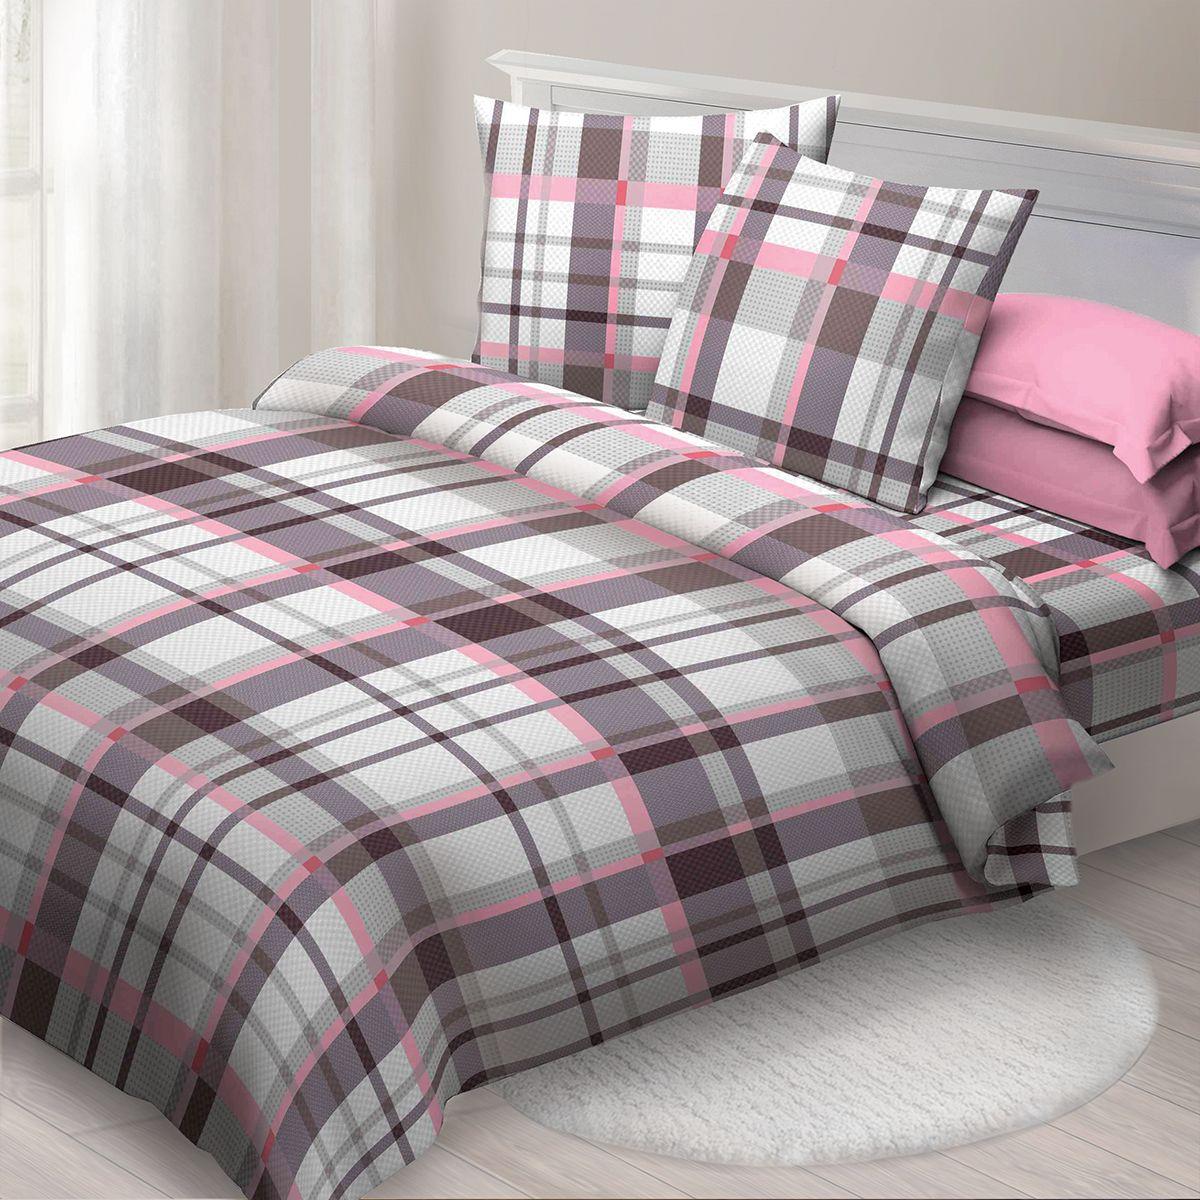 Комплект белья Спал Спалыч Факт, 1,5 спальное, наволочки 70x70, цвет: бордовый. 3521-182444